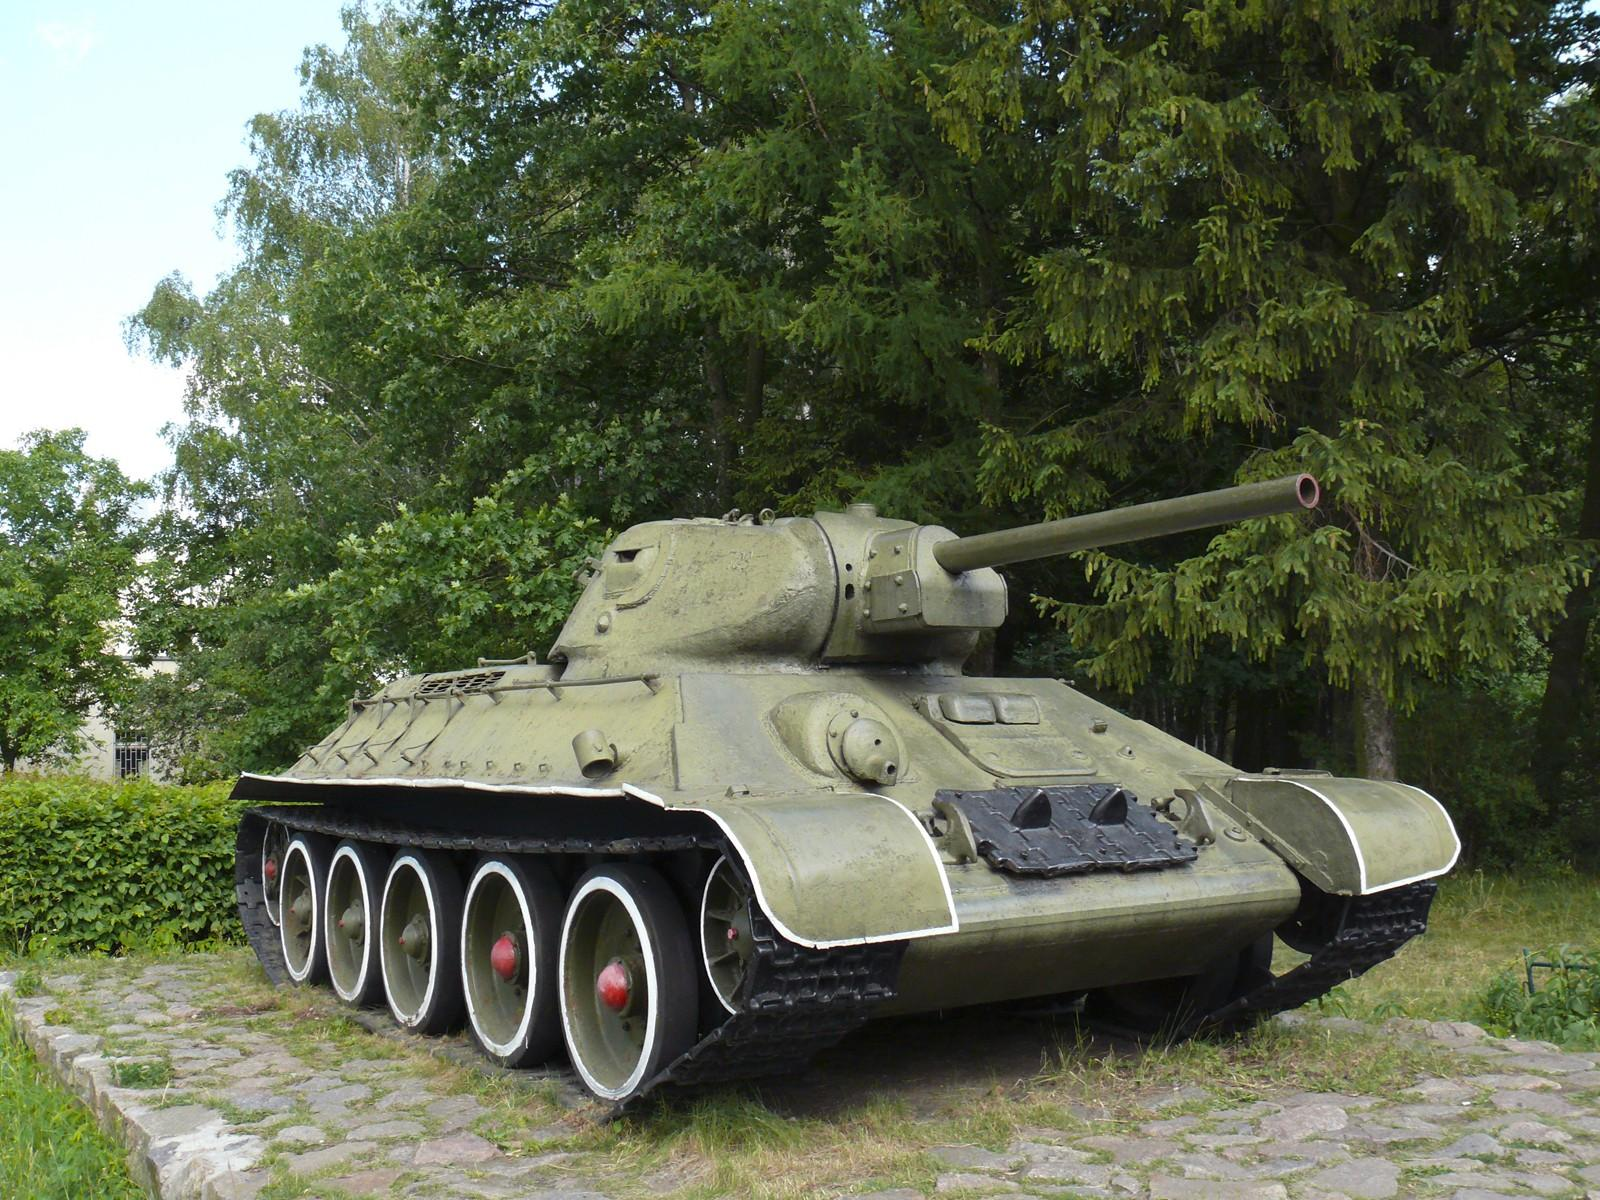 Обои на рабочий стол танки 18 05 2009